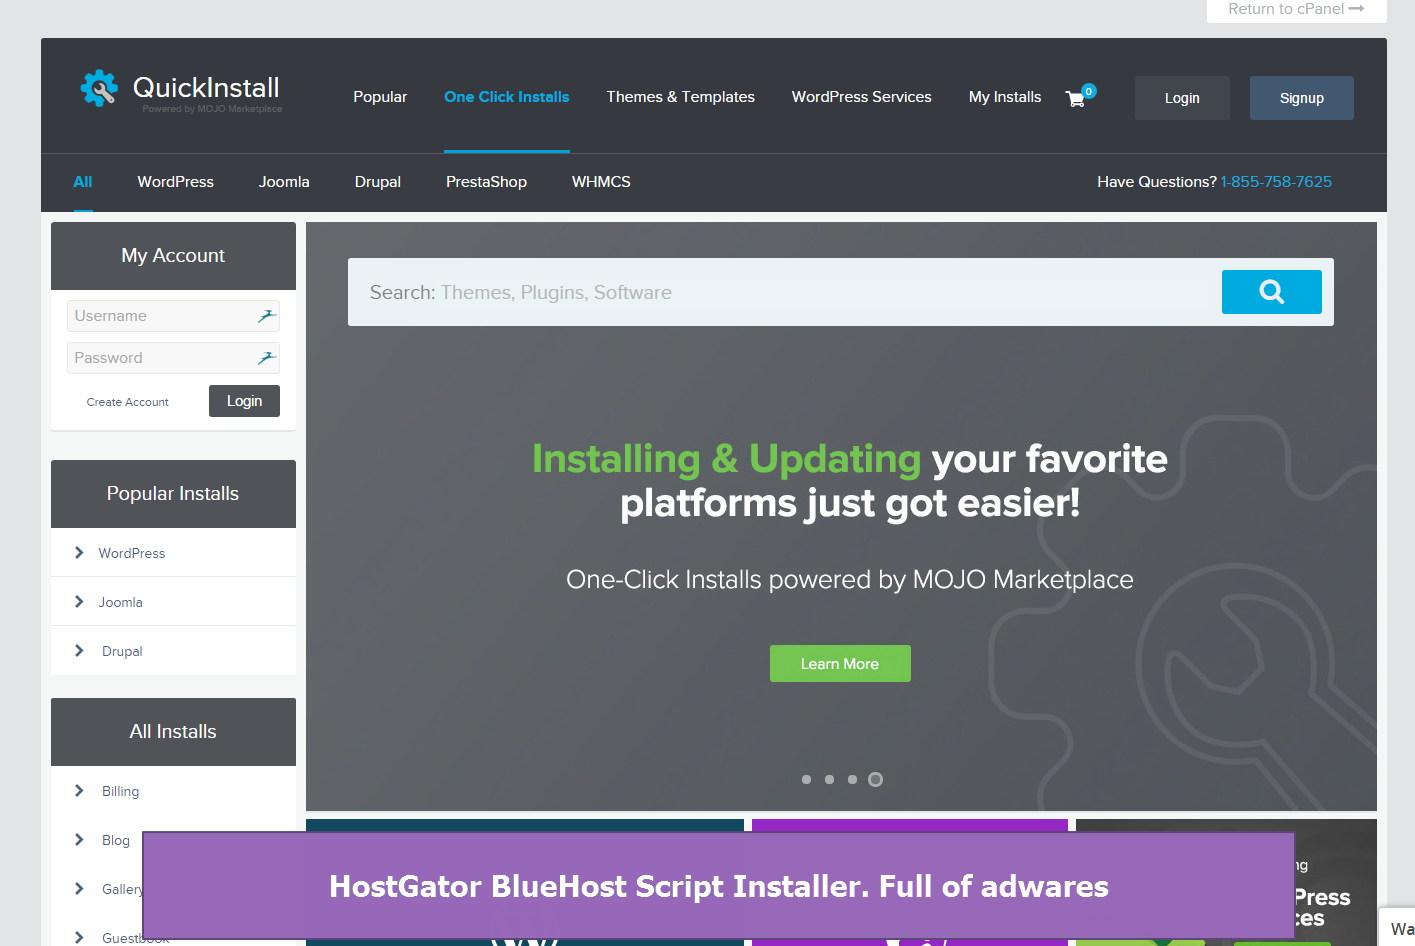 HostGator script installer